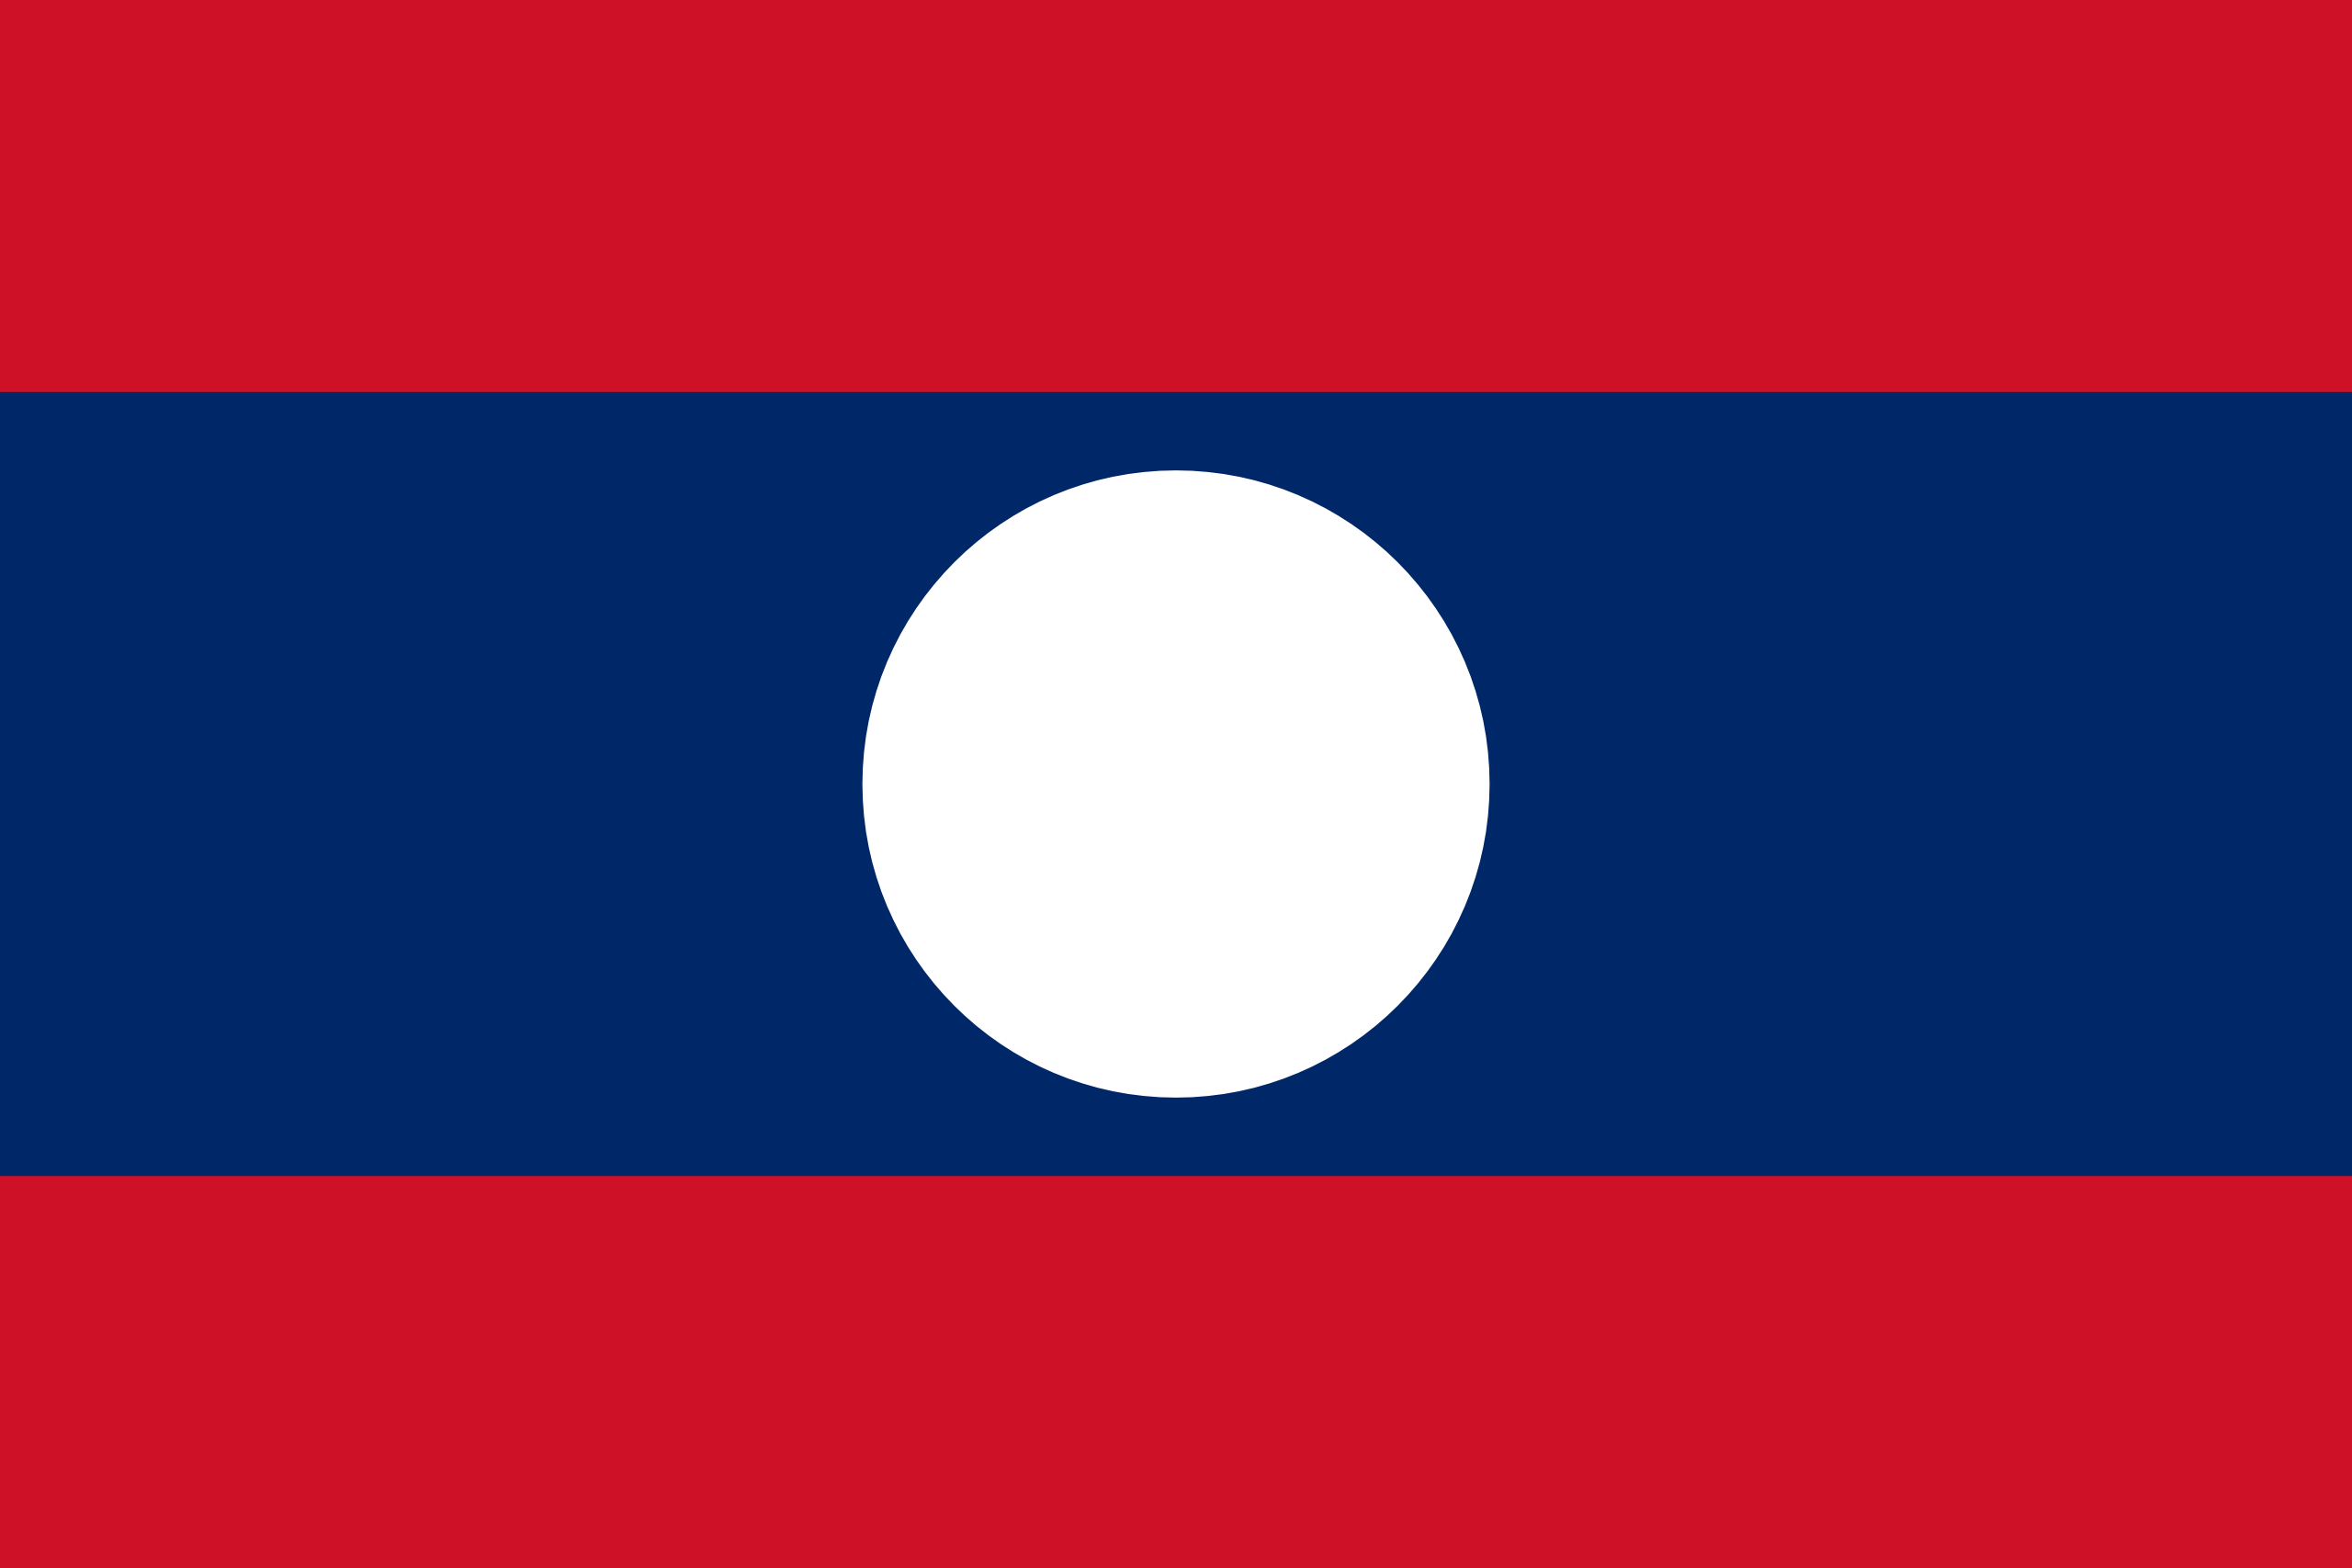 laos, χώρα, έμβλημα, λογότυπο, σύμβολο - Wallpapers HD - Professor-falken.com